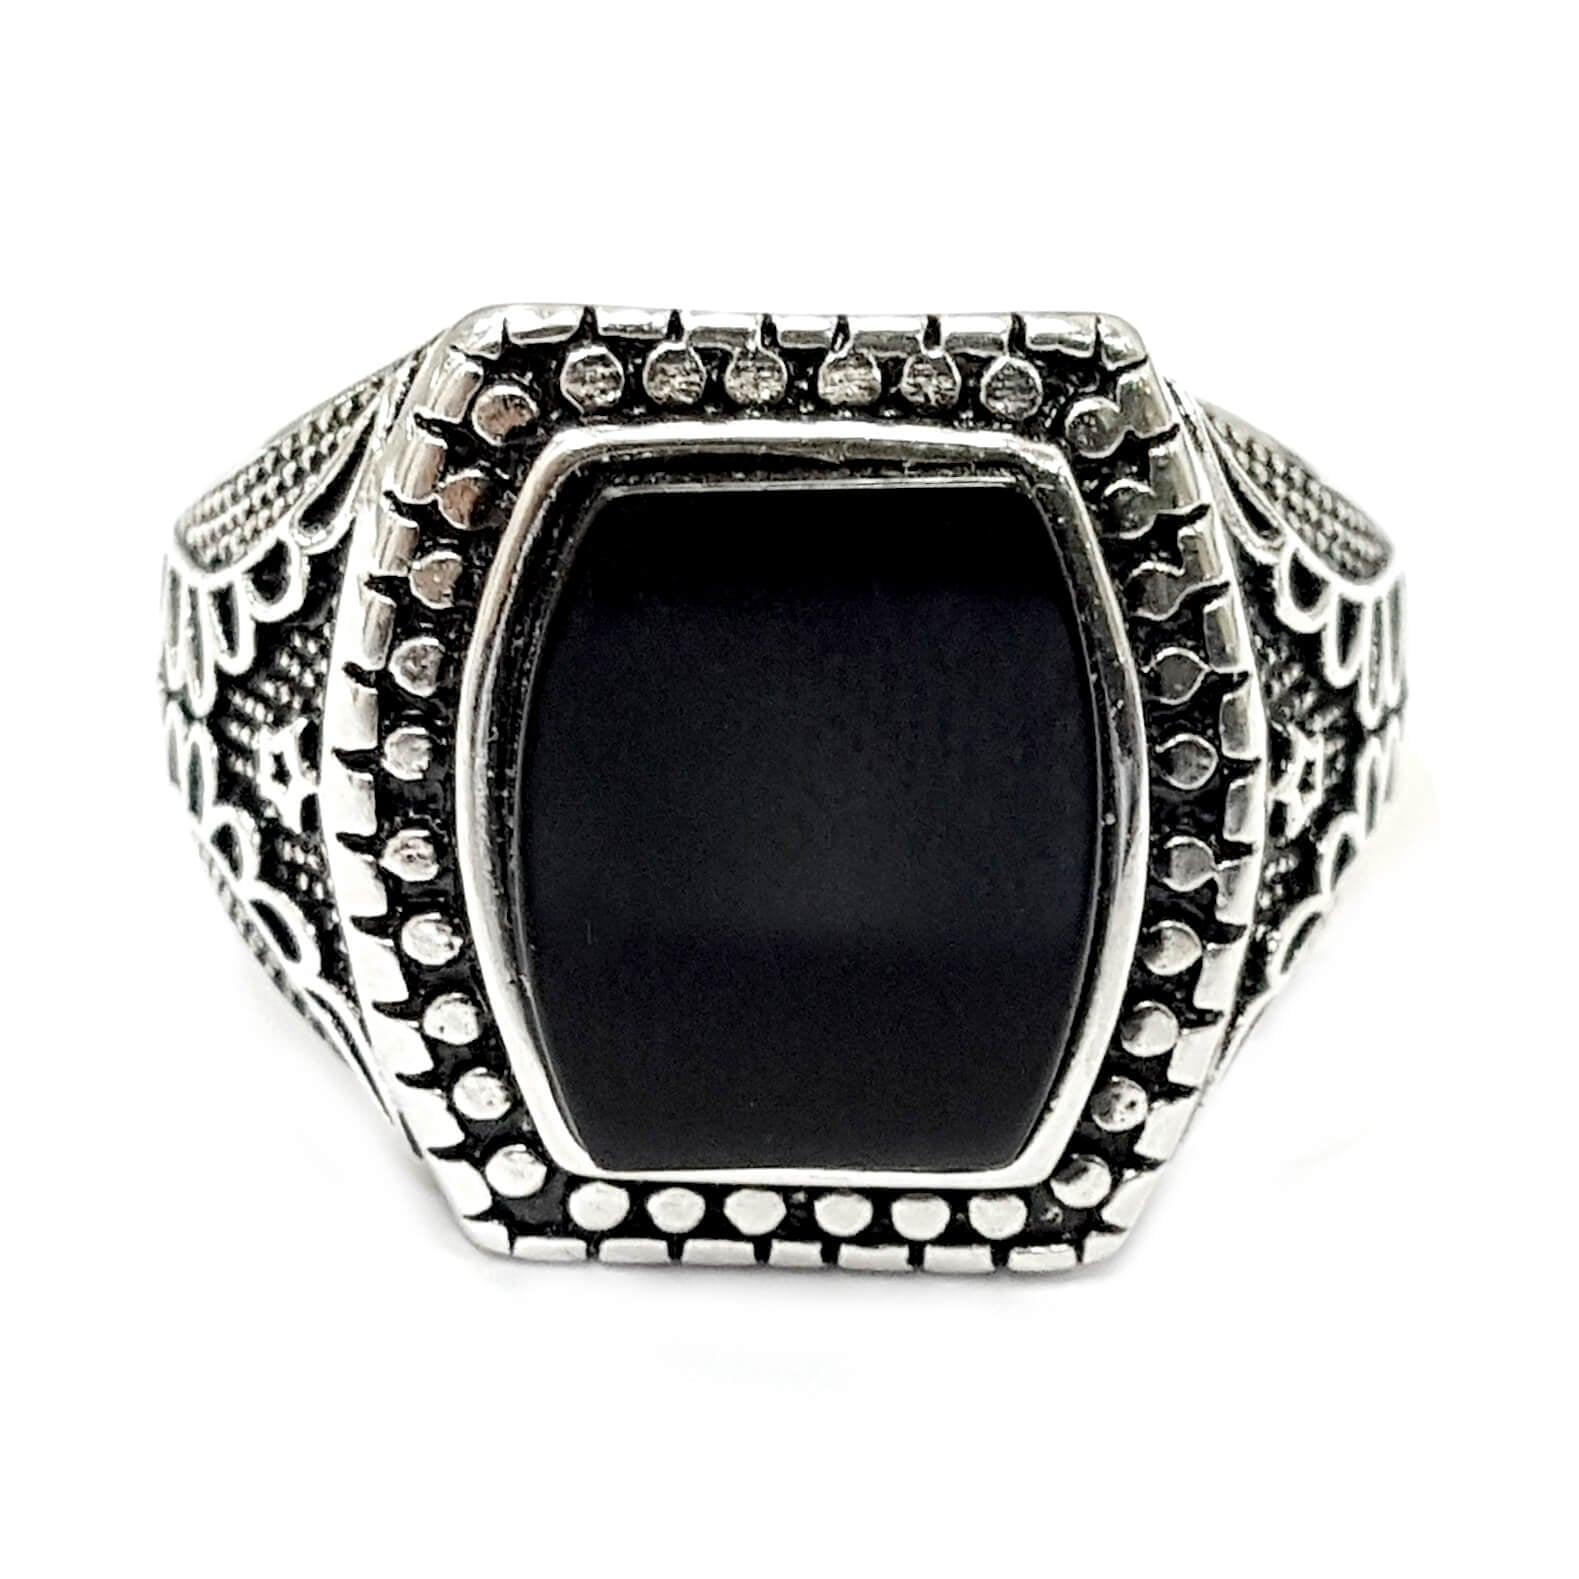 טבעת כסף לגבר משובצת אבן אוניקס שחורה ועיטורים